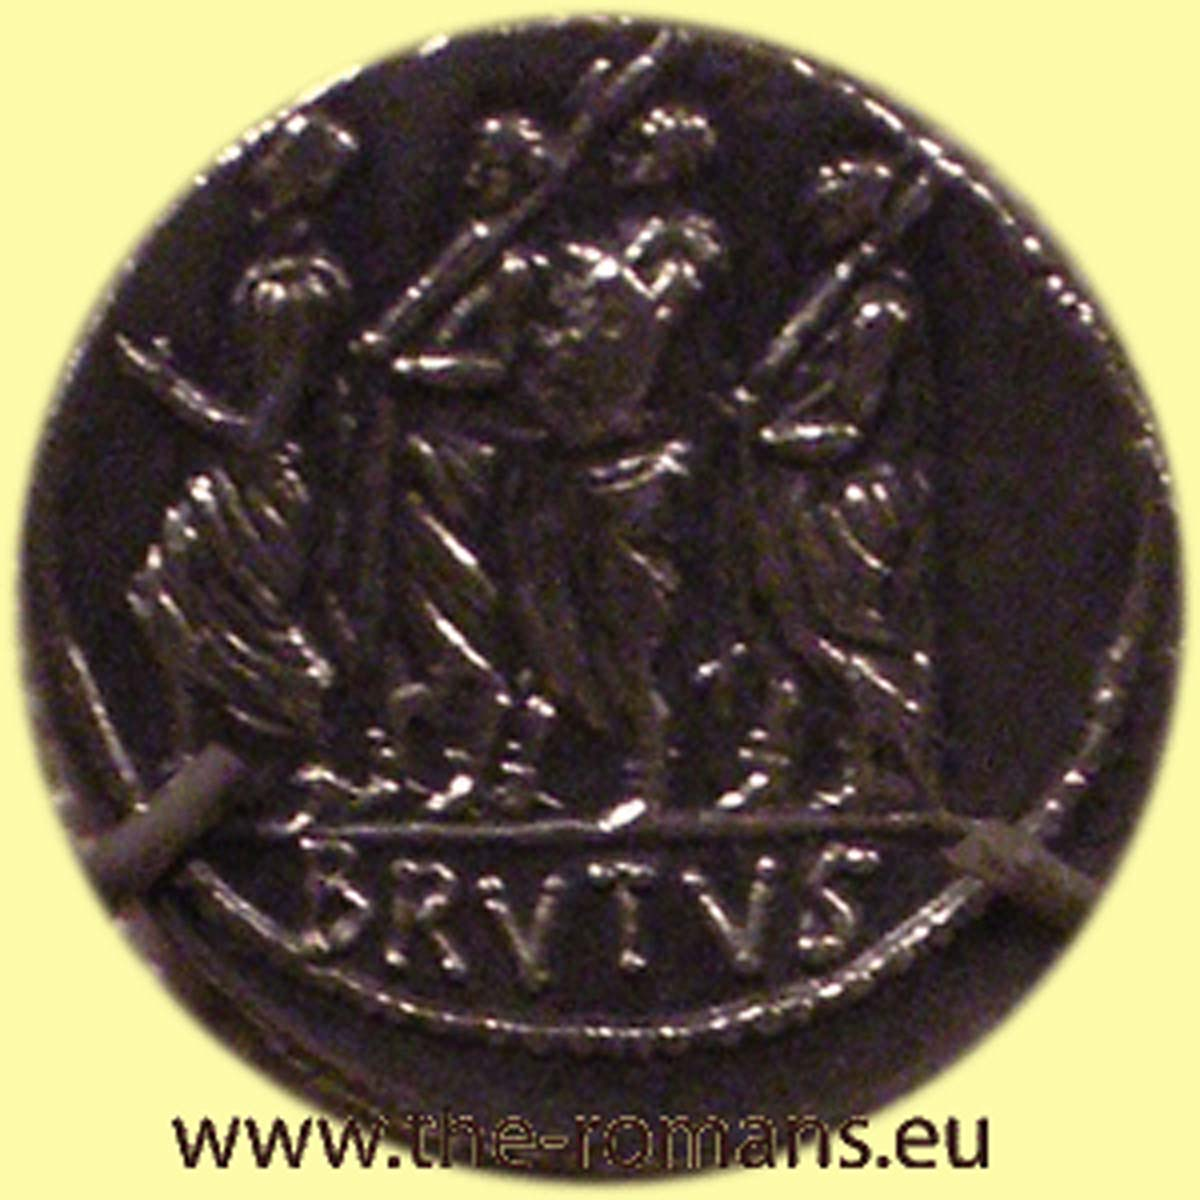 Coin with iunius Brutus as consul